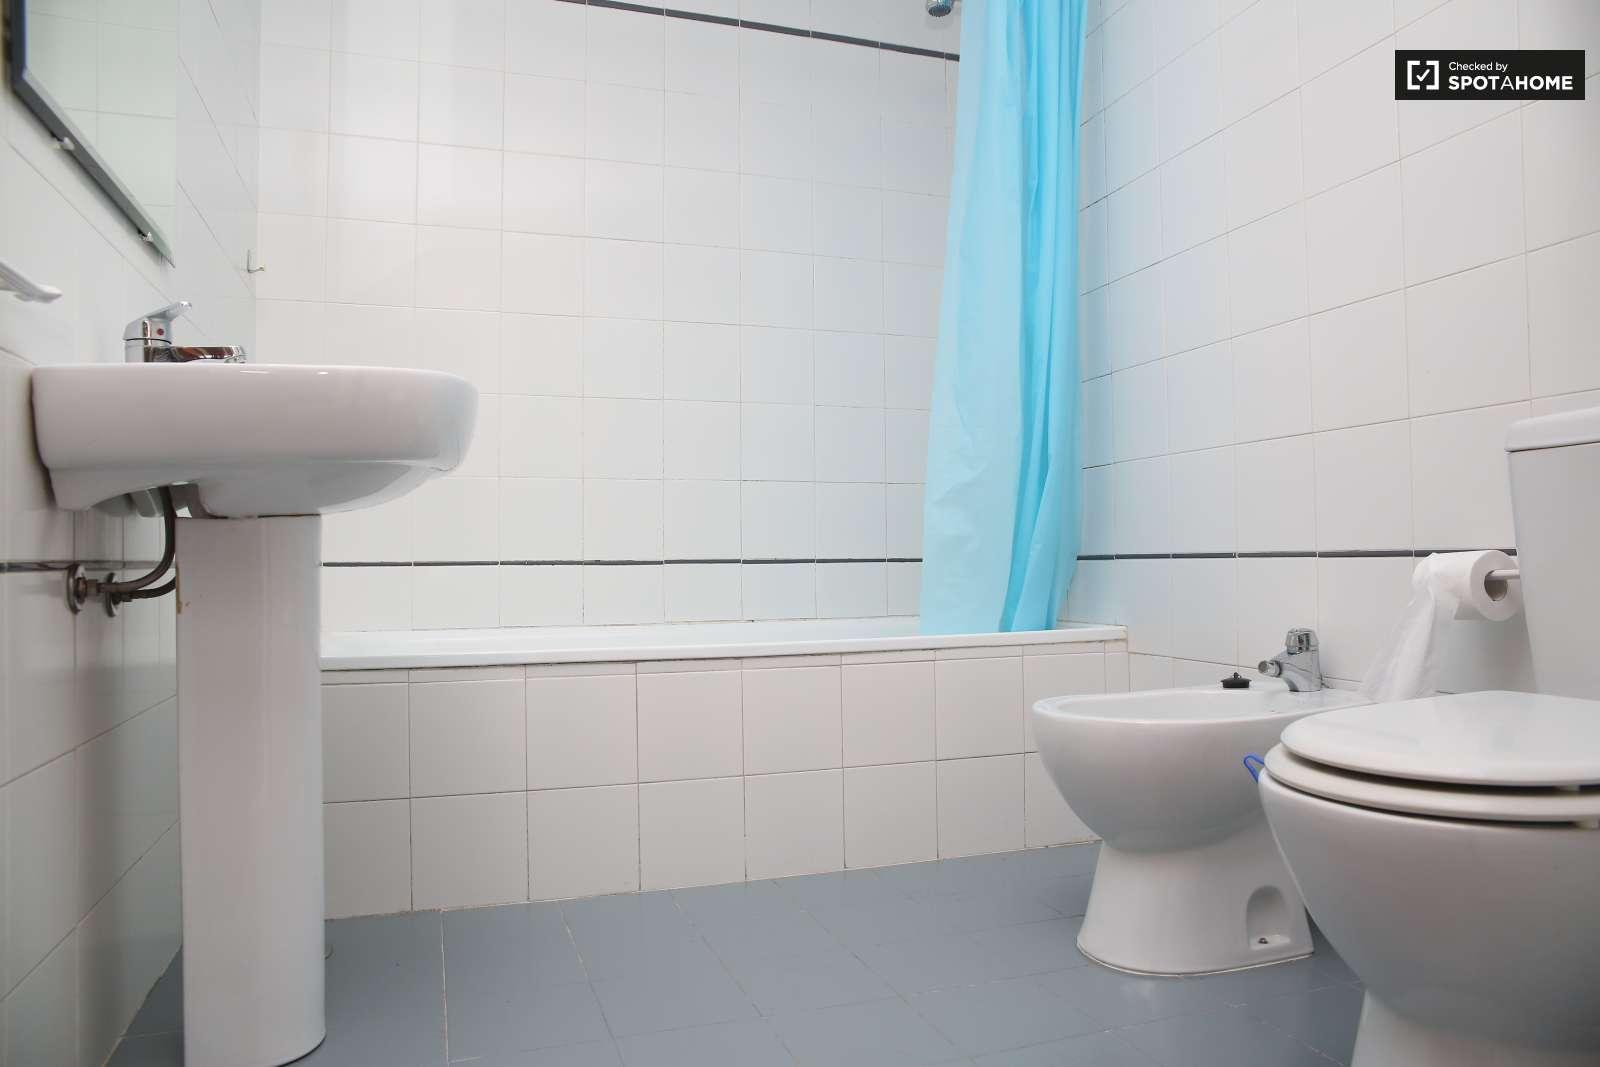 Piso limpio de 2 habitaciones en santa cruz sevilla ref - Cuartos de bano sevilla ...